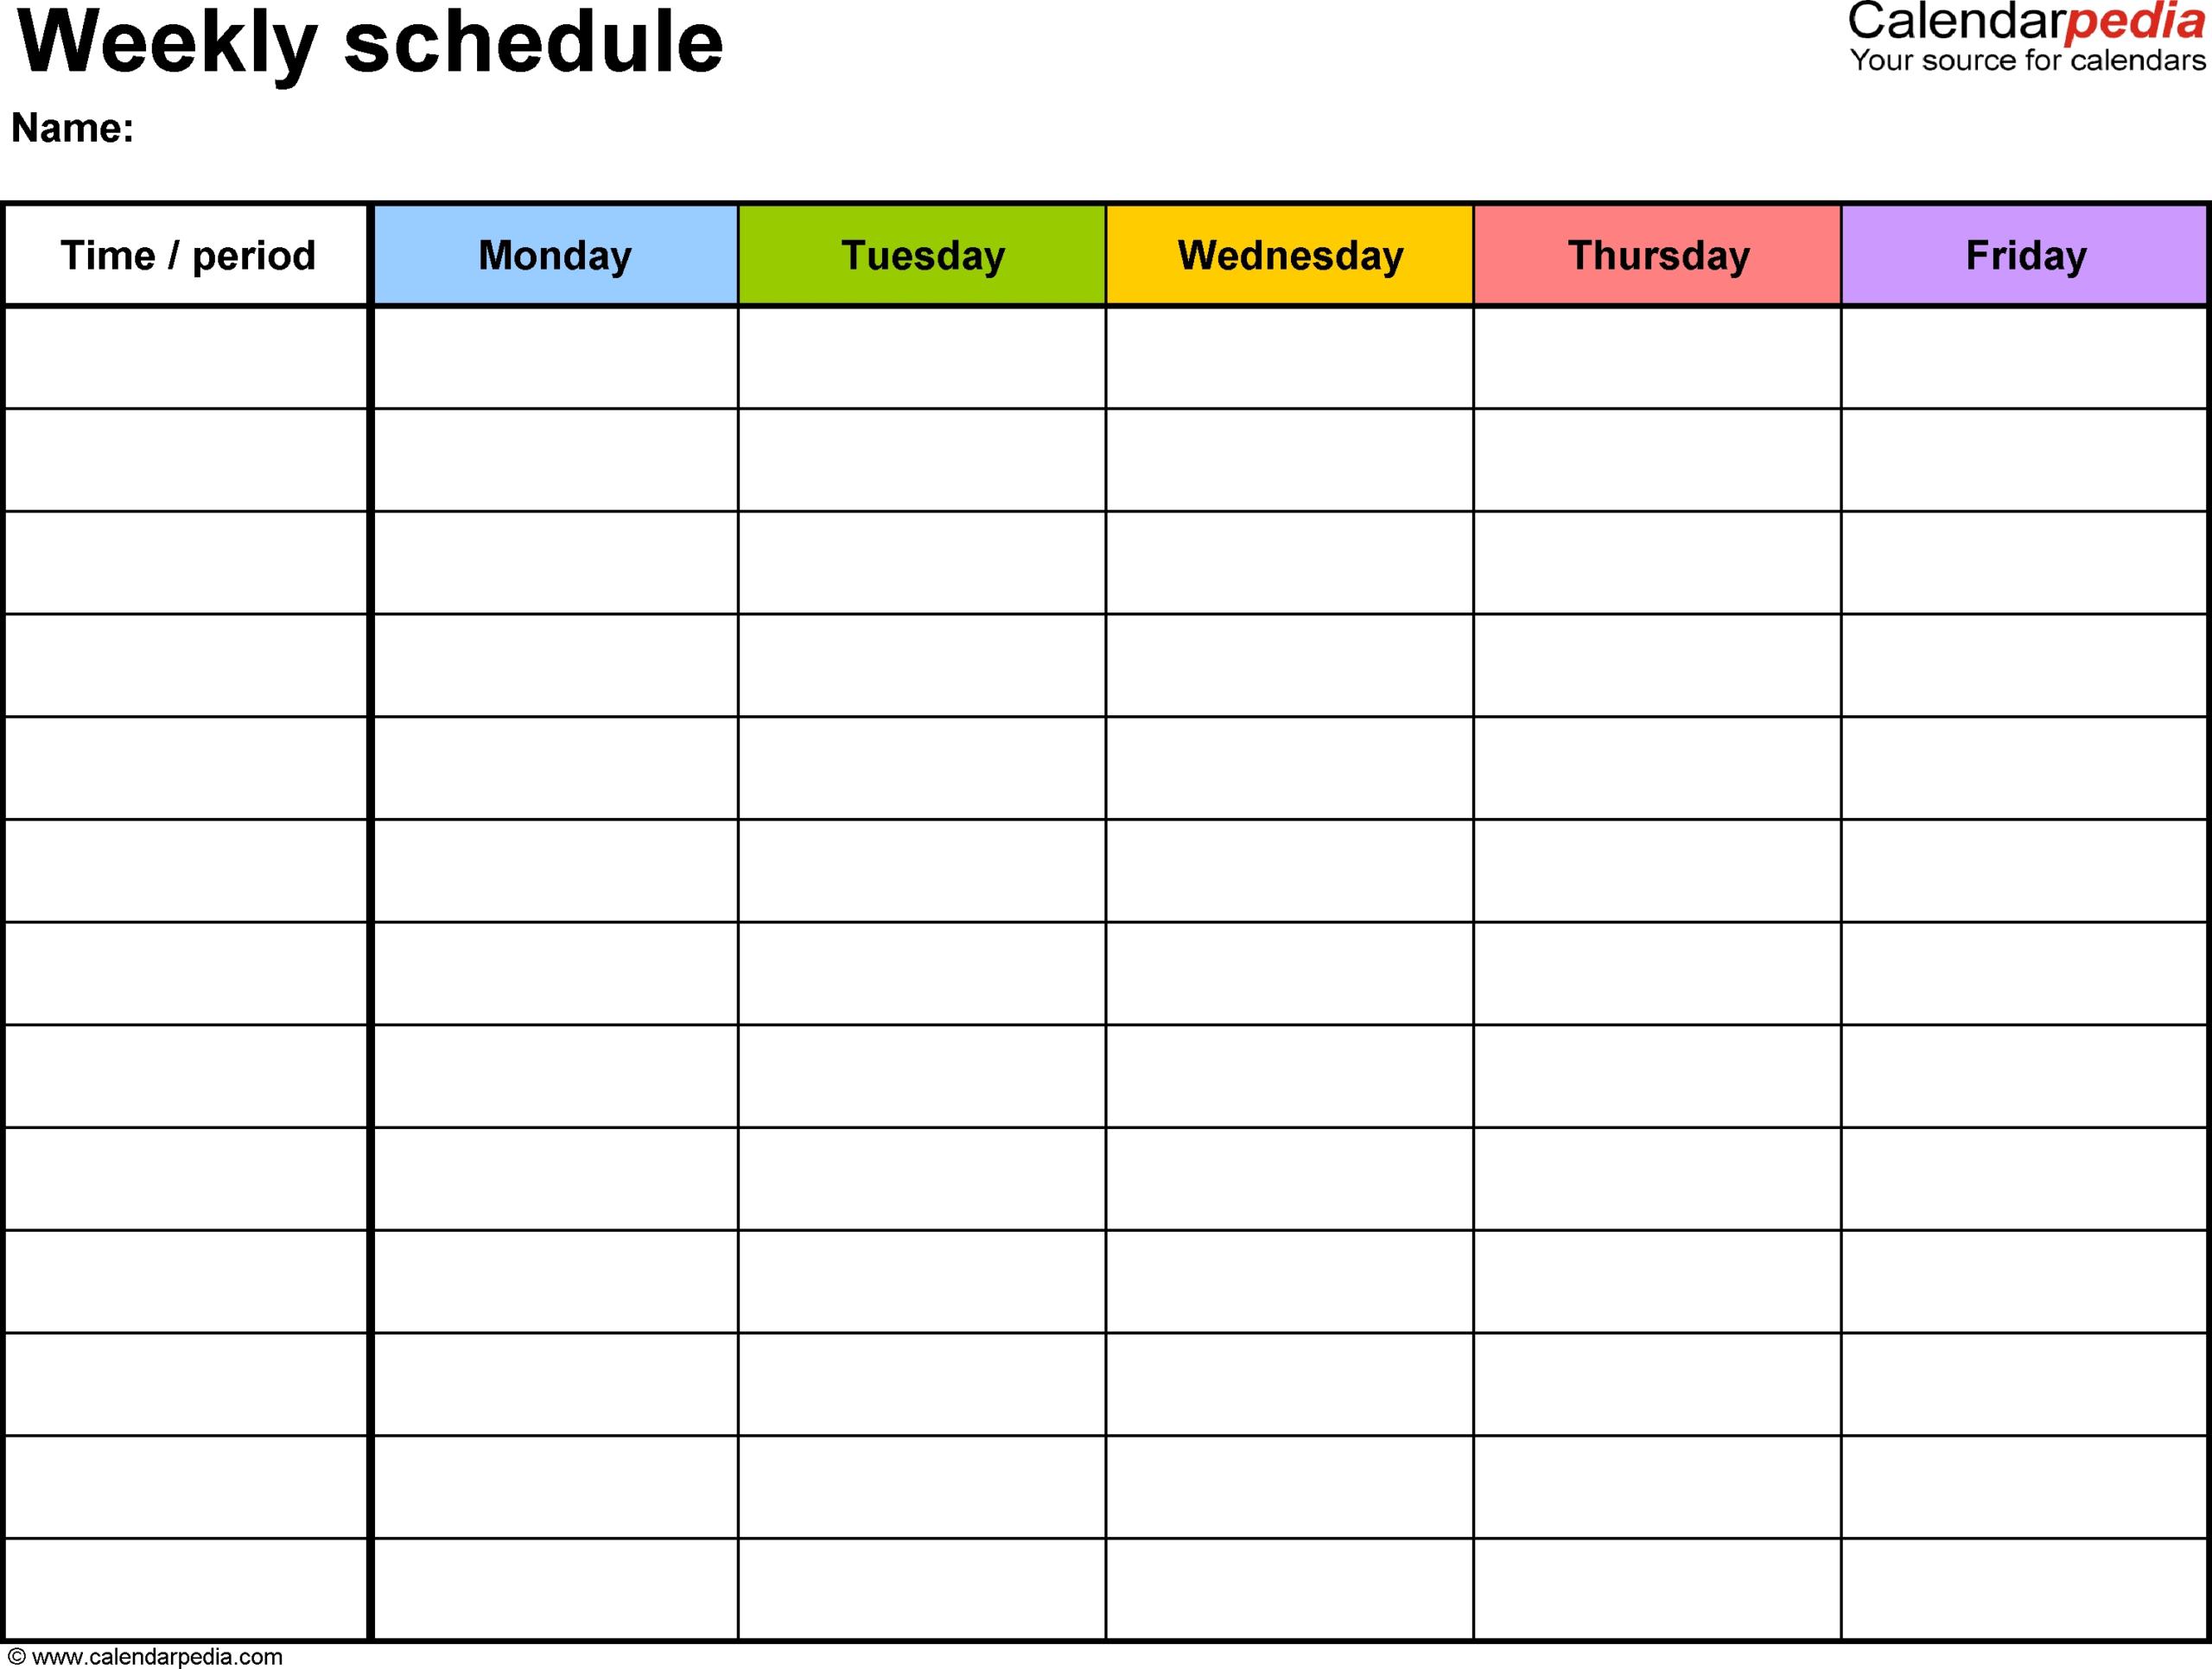 Weekly Calendar Template 7 Day - Calendar Inspiration Design  7 Day Planner Template